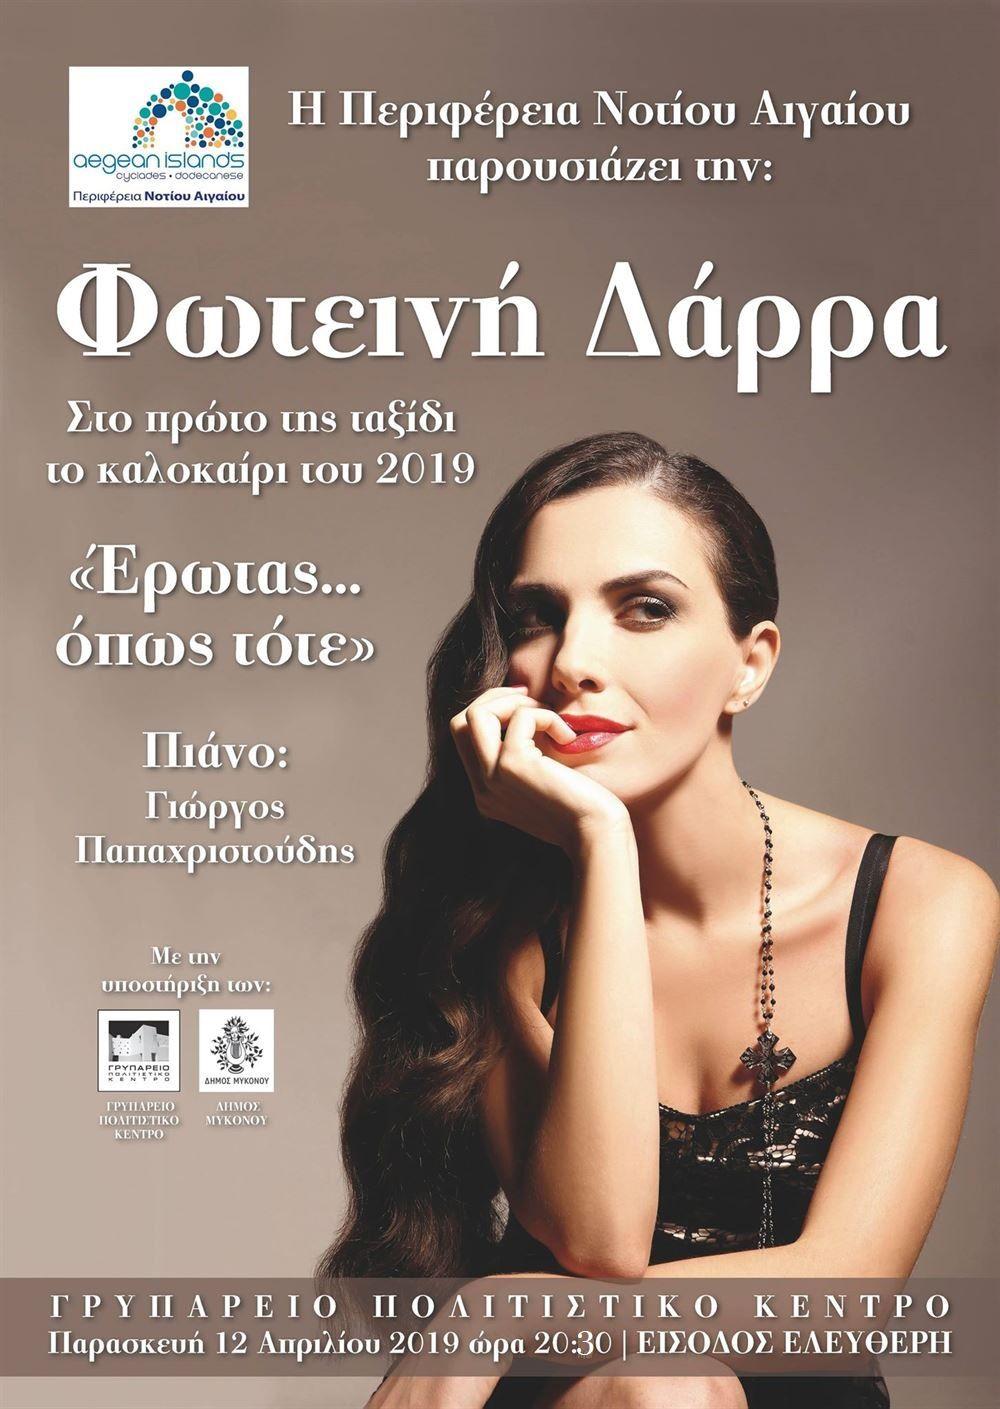 , Η Περιφέρεια Ν. Αιγαίου φιλοξενεί σήμερα στις 20.30 στην Μύκονο, την Φωτεινή Δάρρα στην παράσταση «ΈΡΩΤΑΣ… όπως τότε»